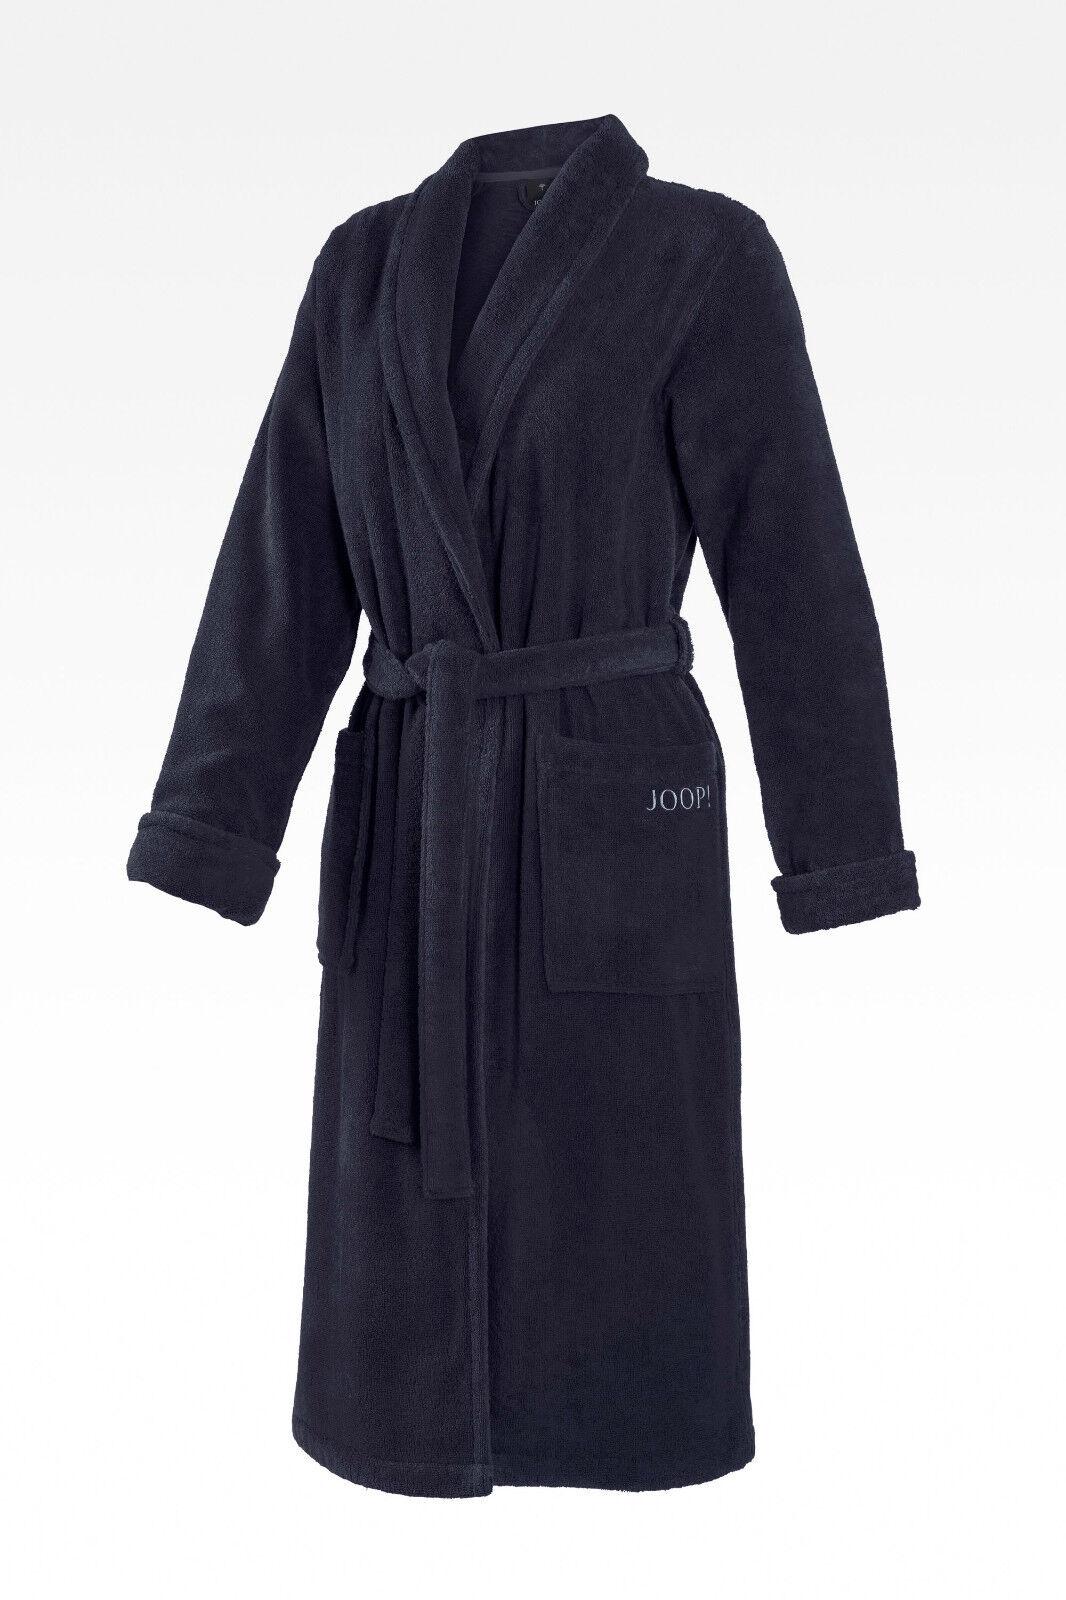 JOOP 1650 Damen Bademantel Größe 36 / 38 S Farbe Blau mit Schalkragen NEU